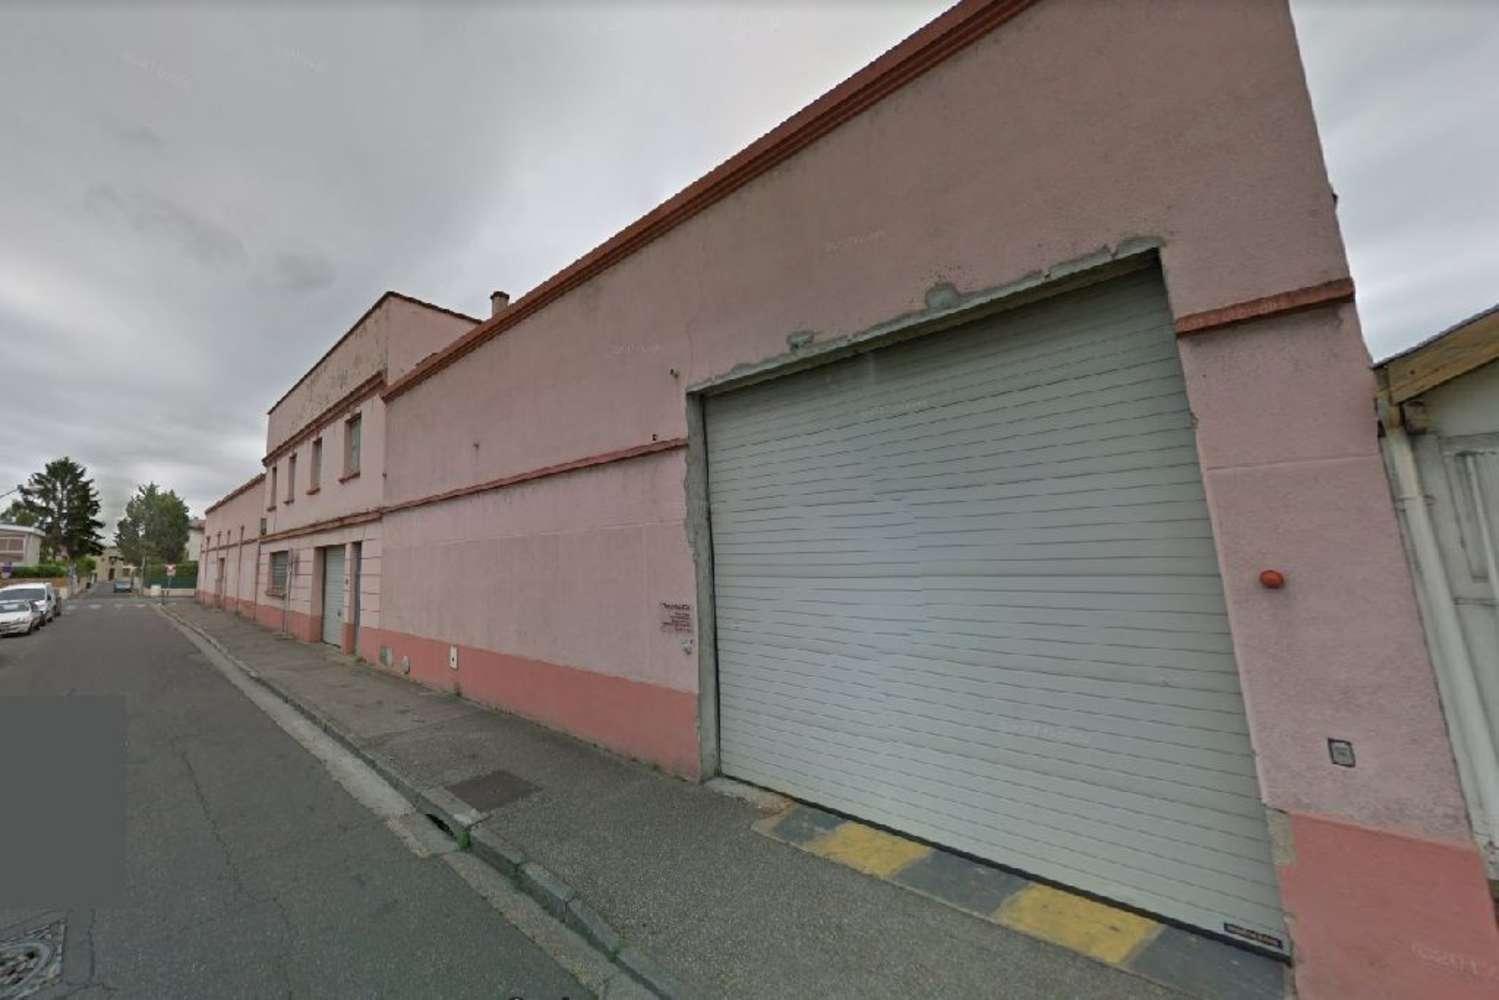 Activités/entrepôt Villeurbanne, 69100 - Entrepot à vendre Villeurbanne / Lyon - 9914848